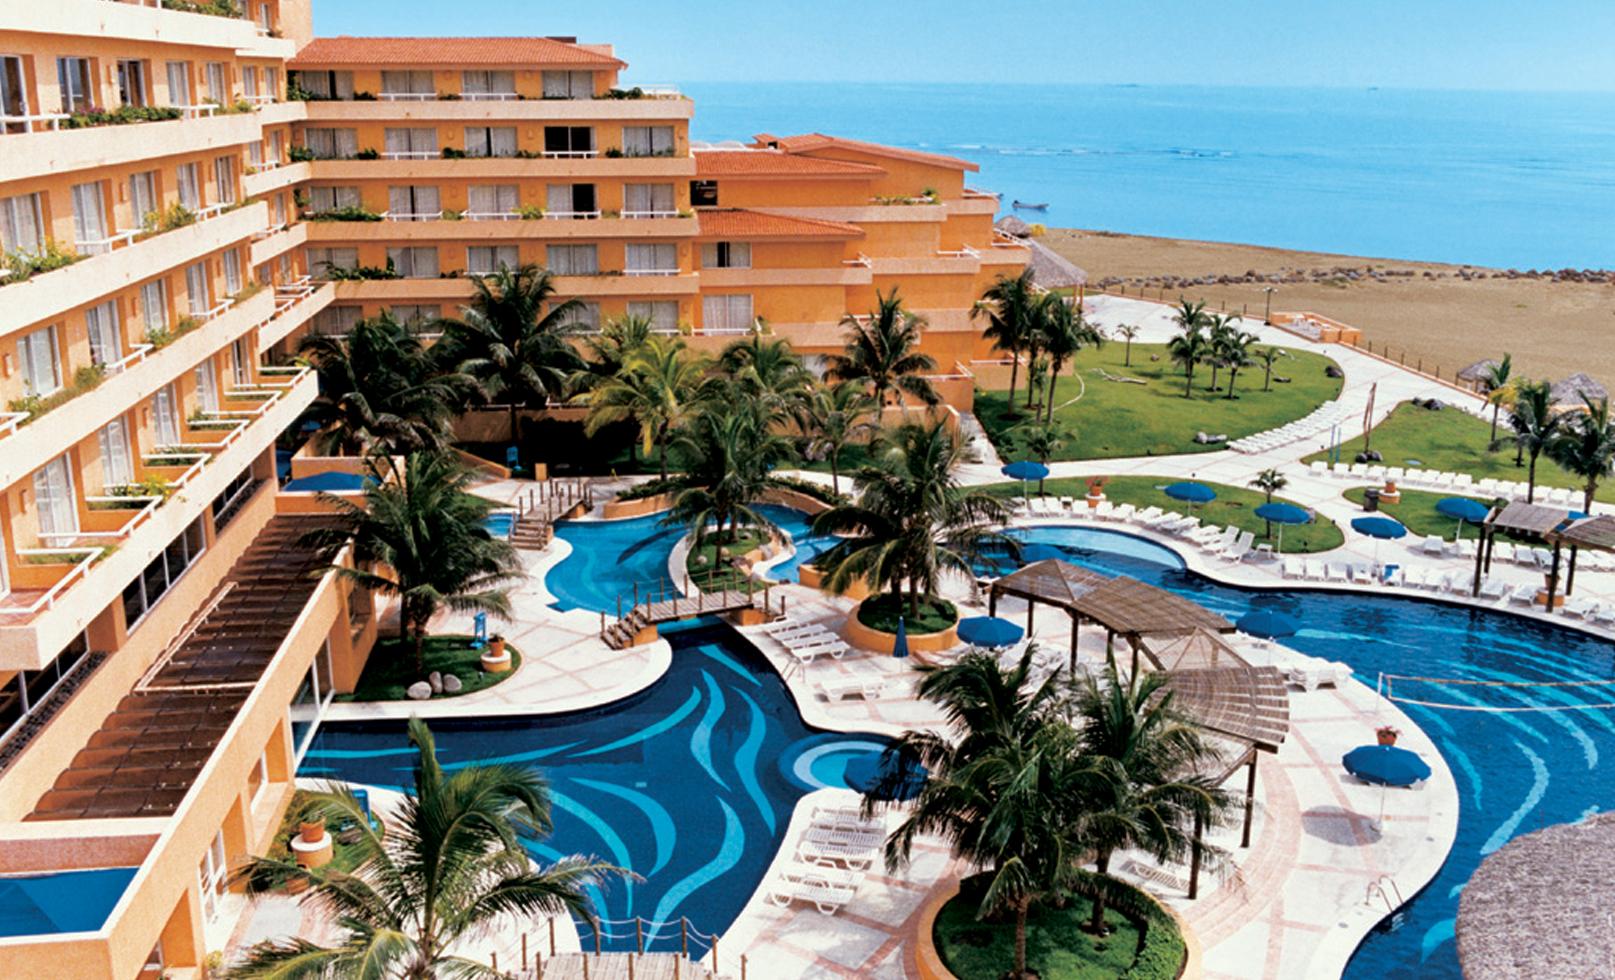 hoteles independientes con adn internacional mi franquicia